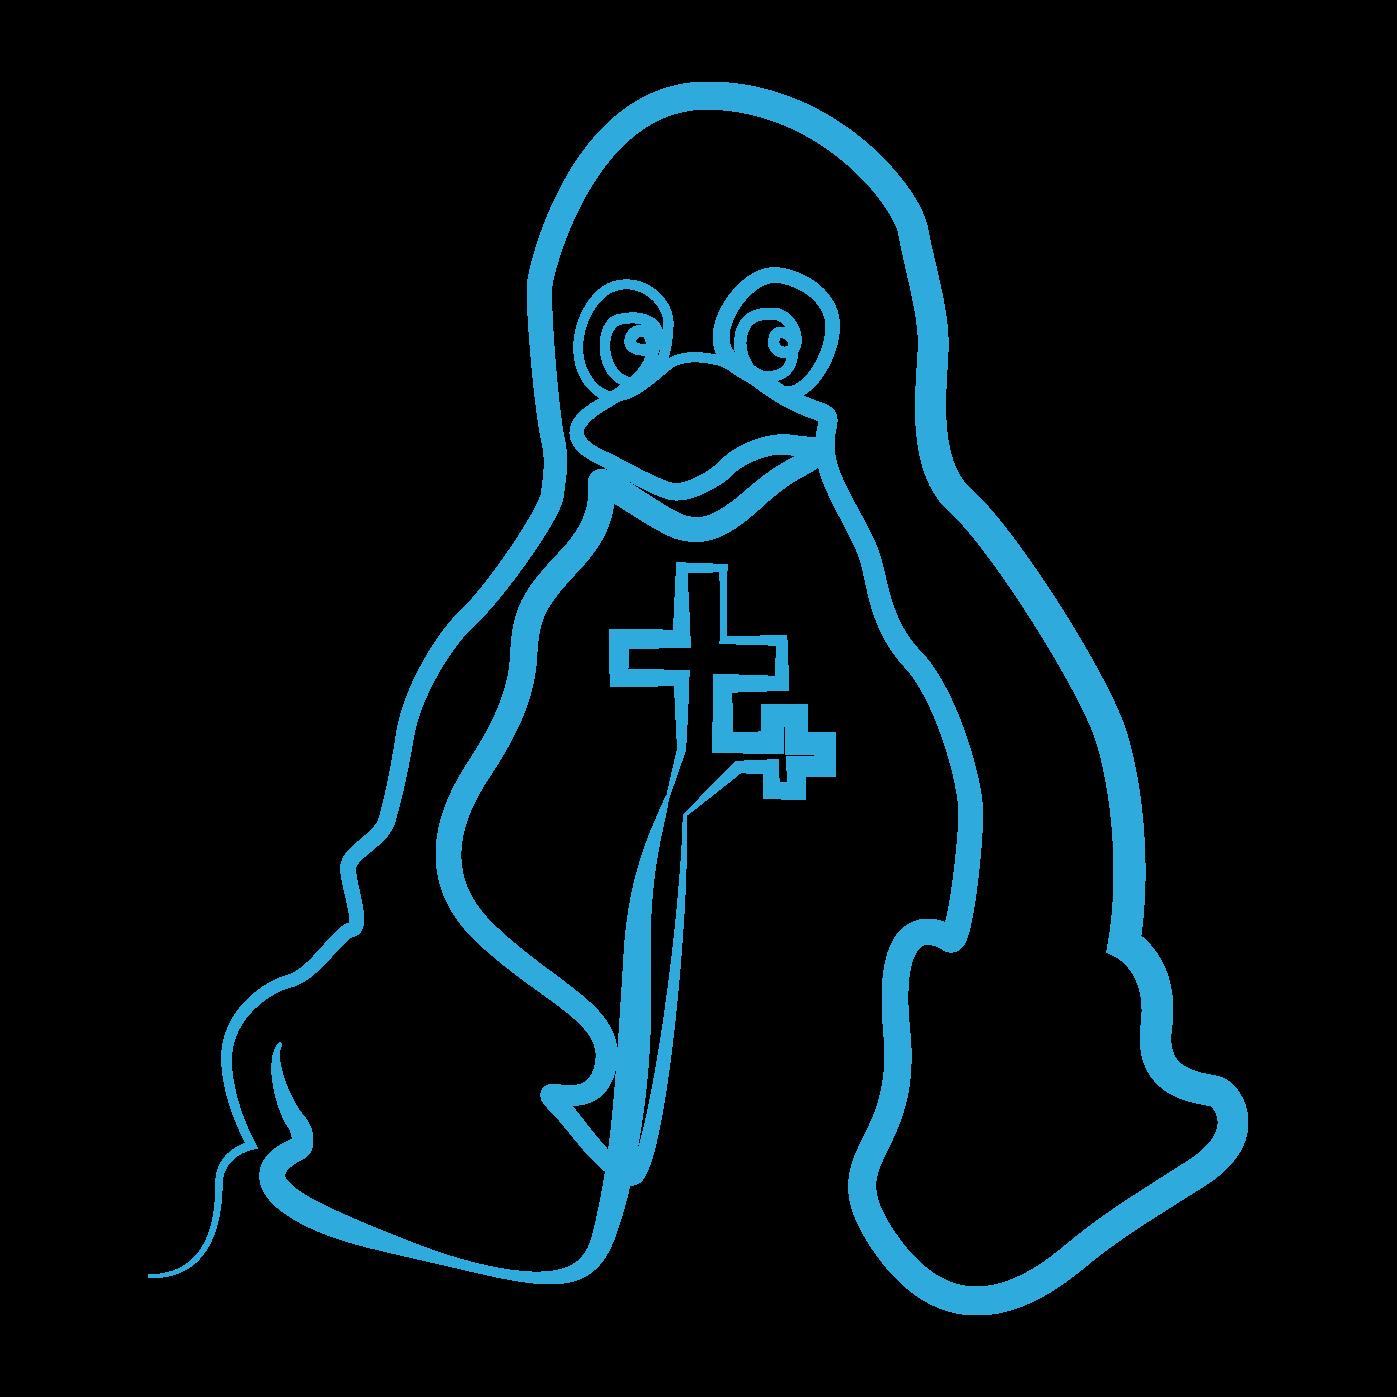 Maîtrise de Linux formation avancée